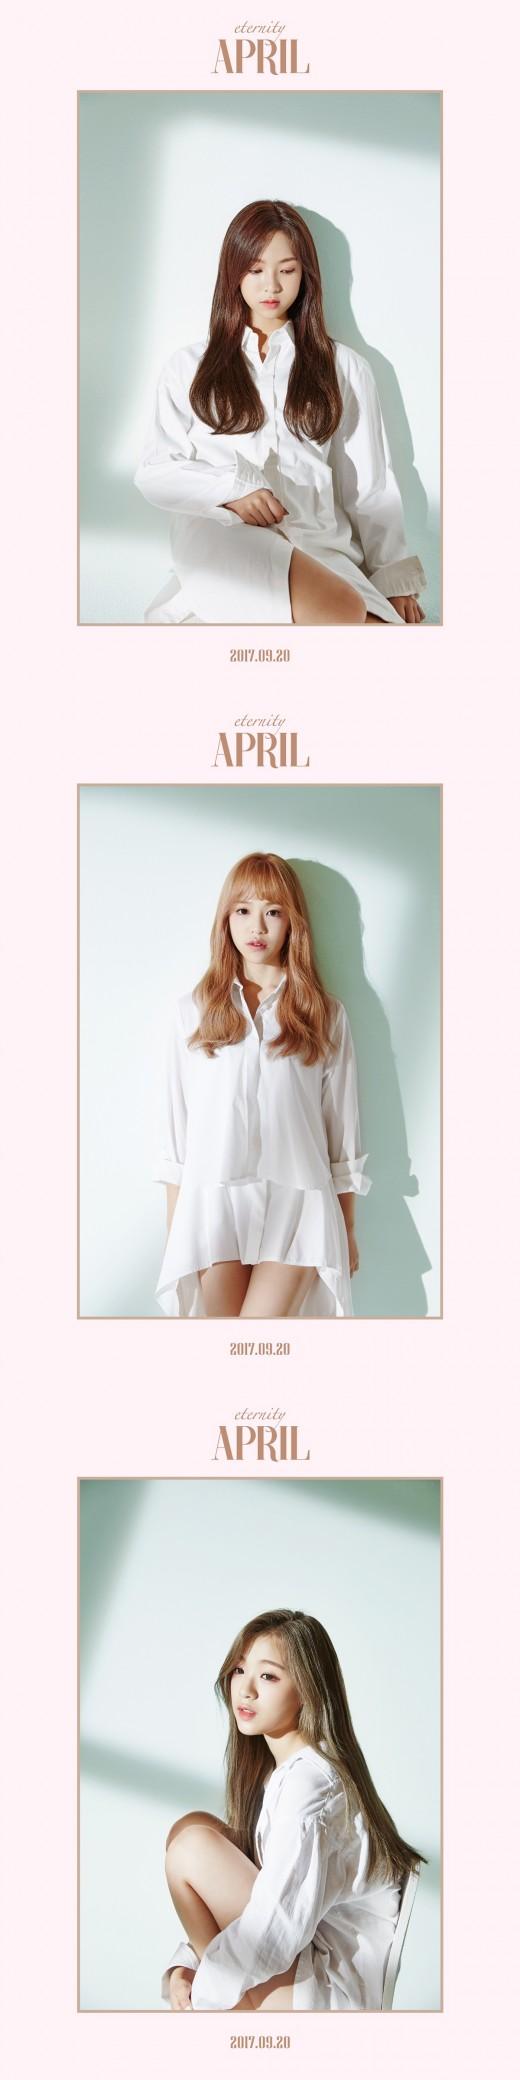 남친 셔츠 입은 소녀들...더 예뻐진 에이프릴_이미지